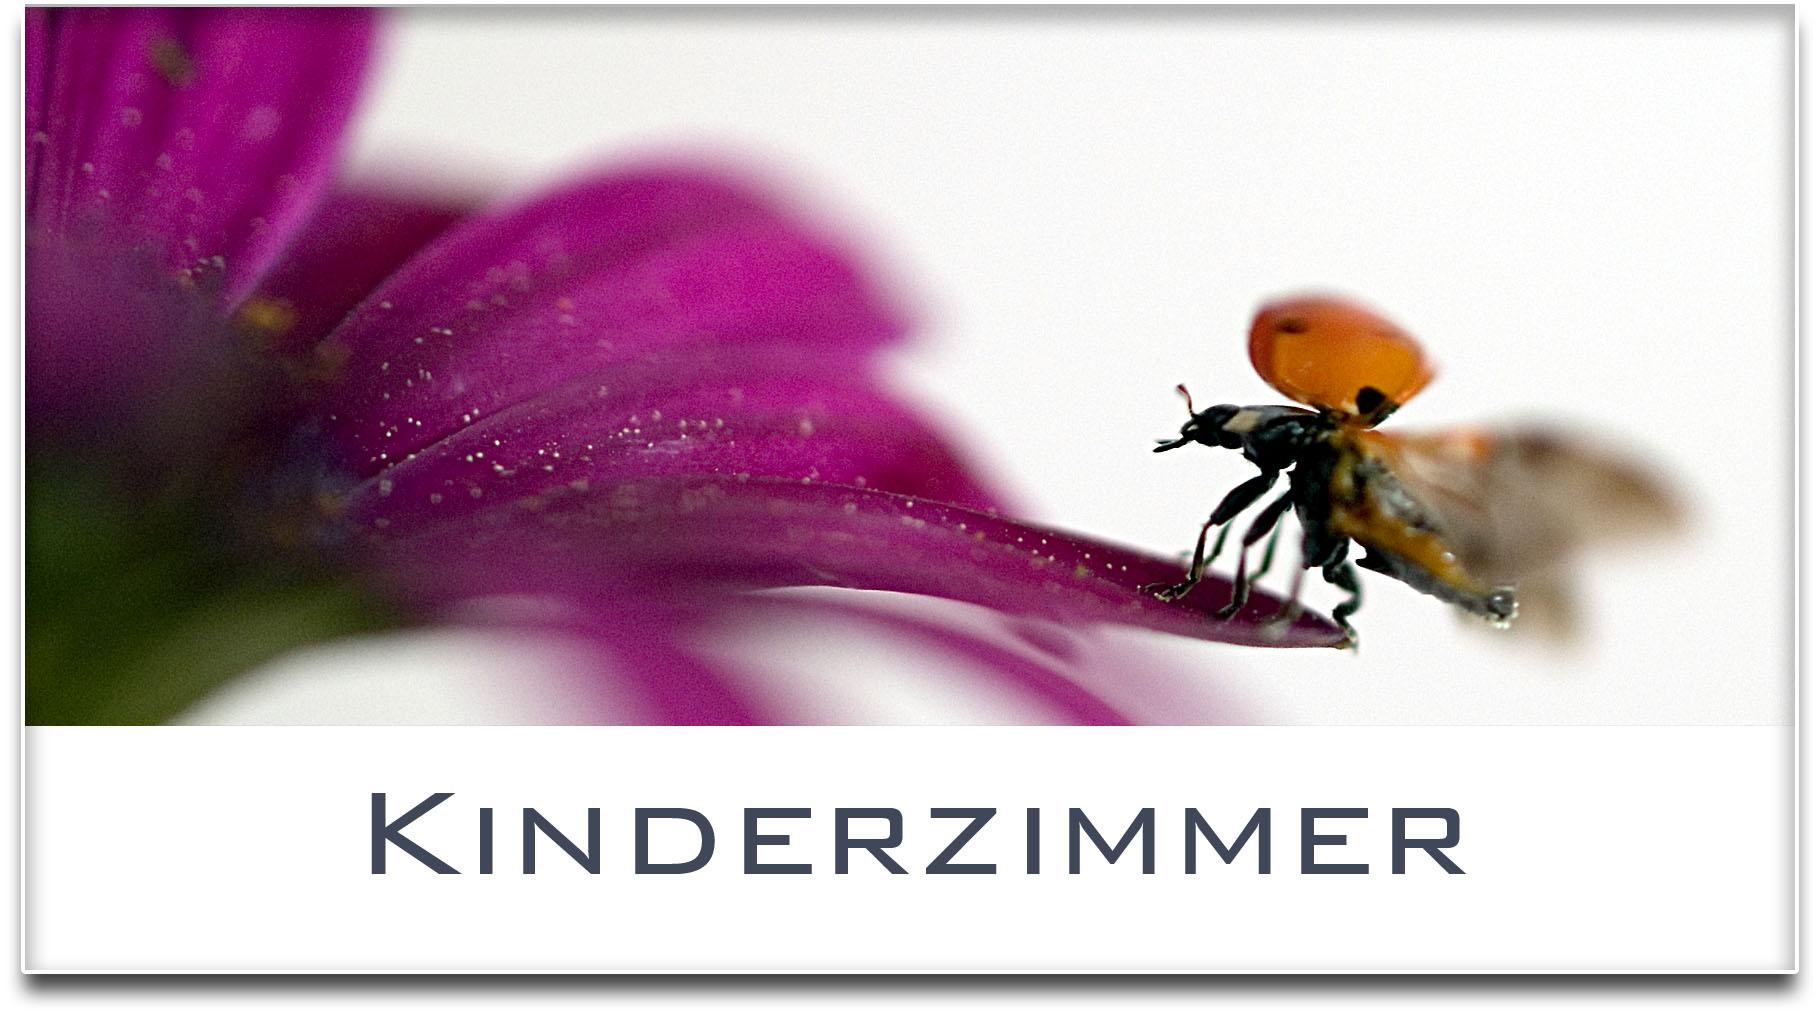 Türschild / Haustürschild / Marienkäfer / Kinderzimmer / Selbstklebend